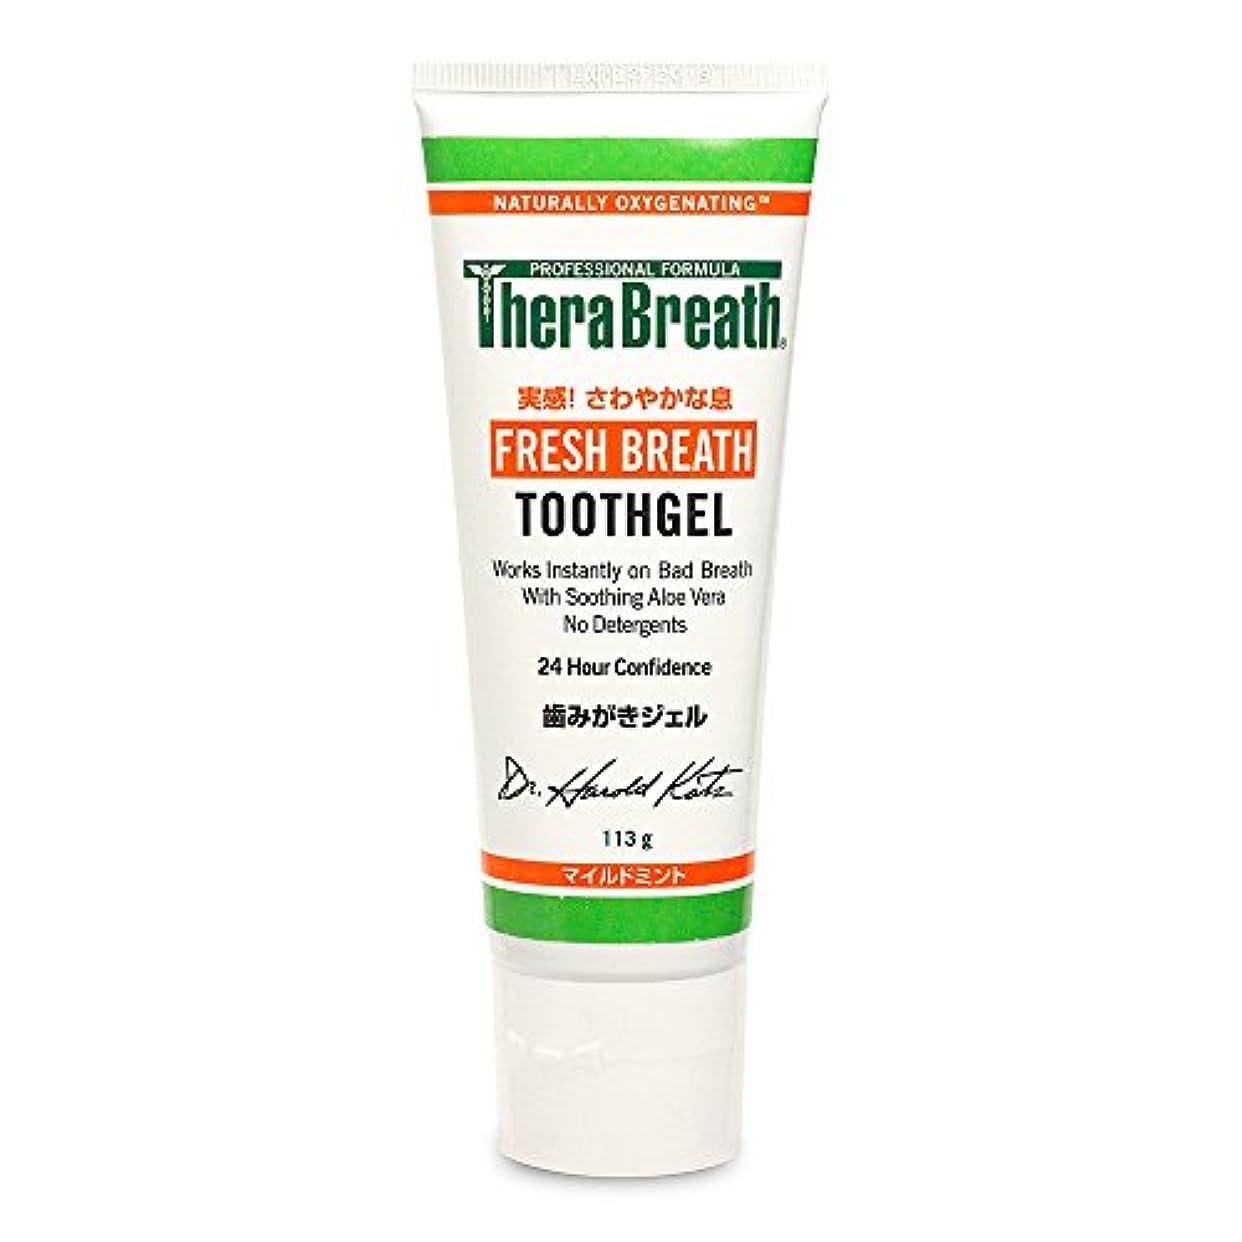 ステレオタイプ階下スカルクTheraBreath (セラブレス) セラブレストゥースジェル 113g (正規輸入品) 舌磨き